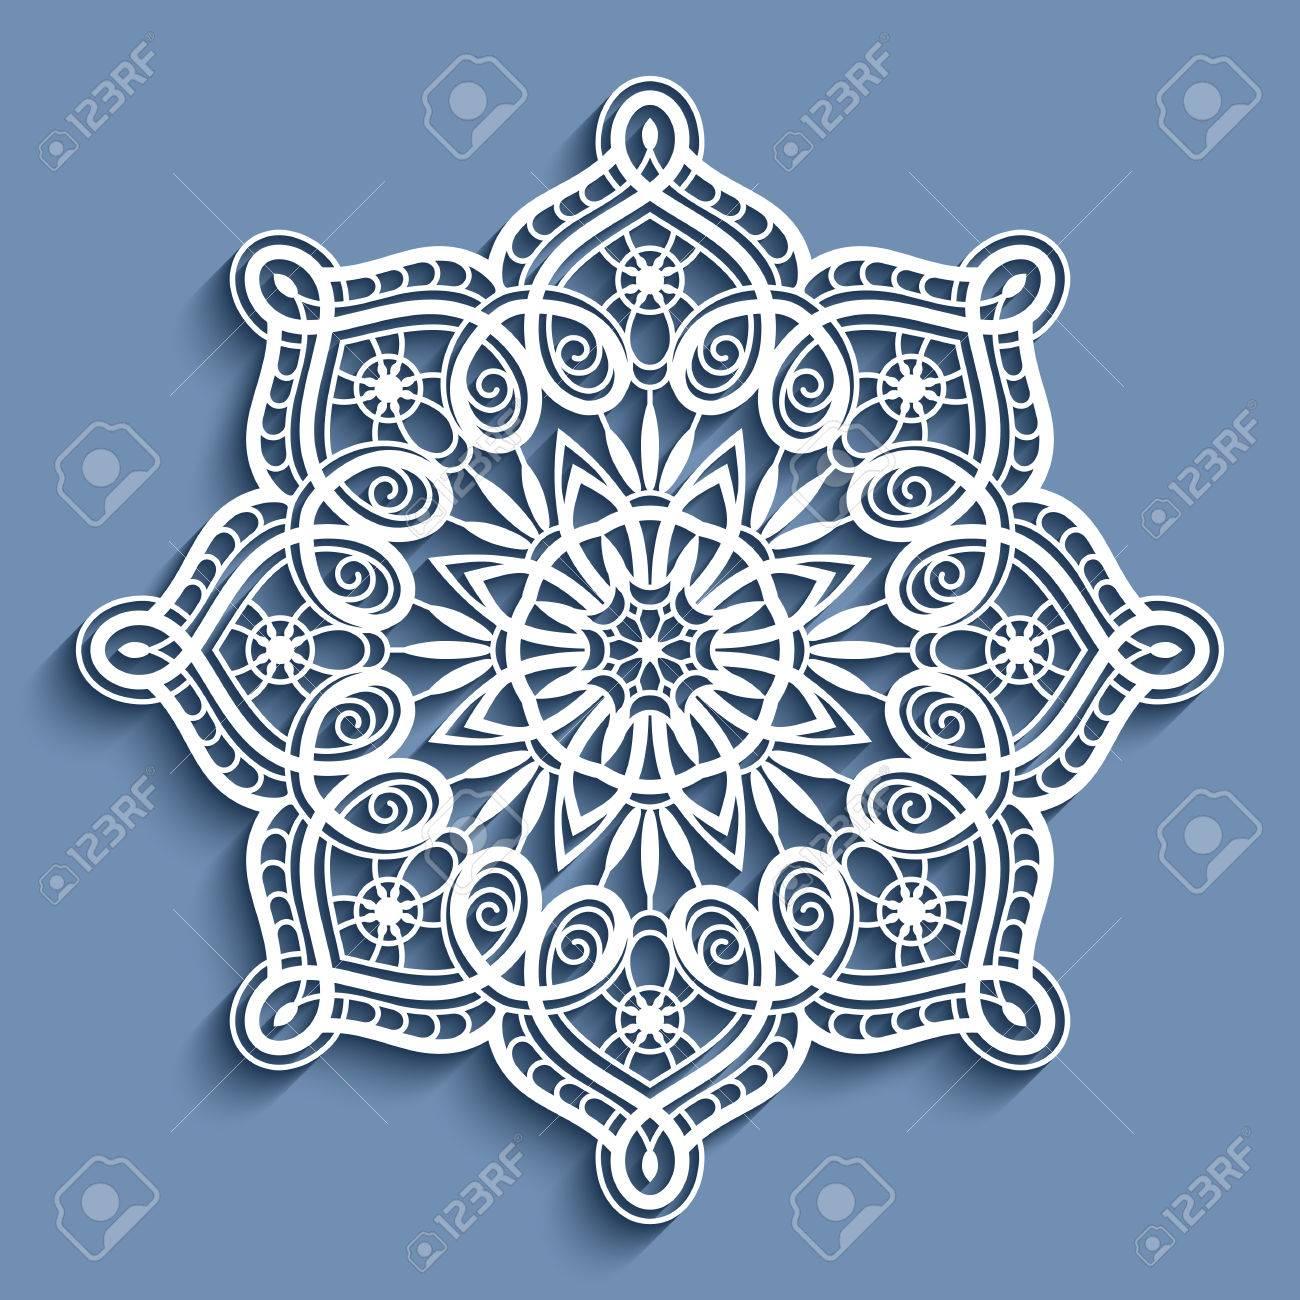 Pañito De Encaje De Papel, Copo De Nieve Decorativo, Mandala ...